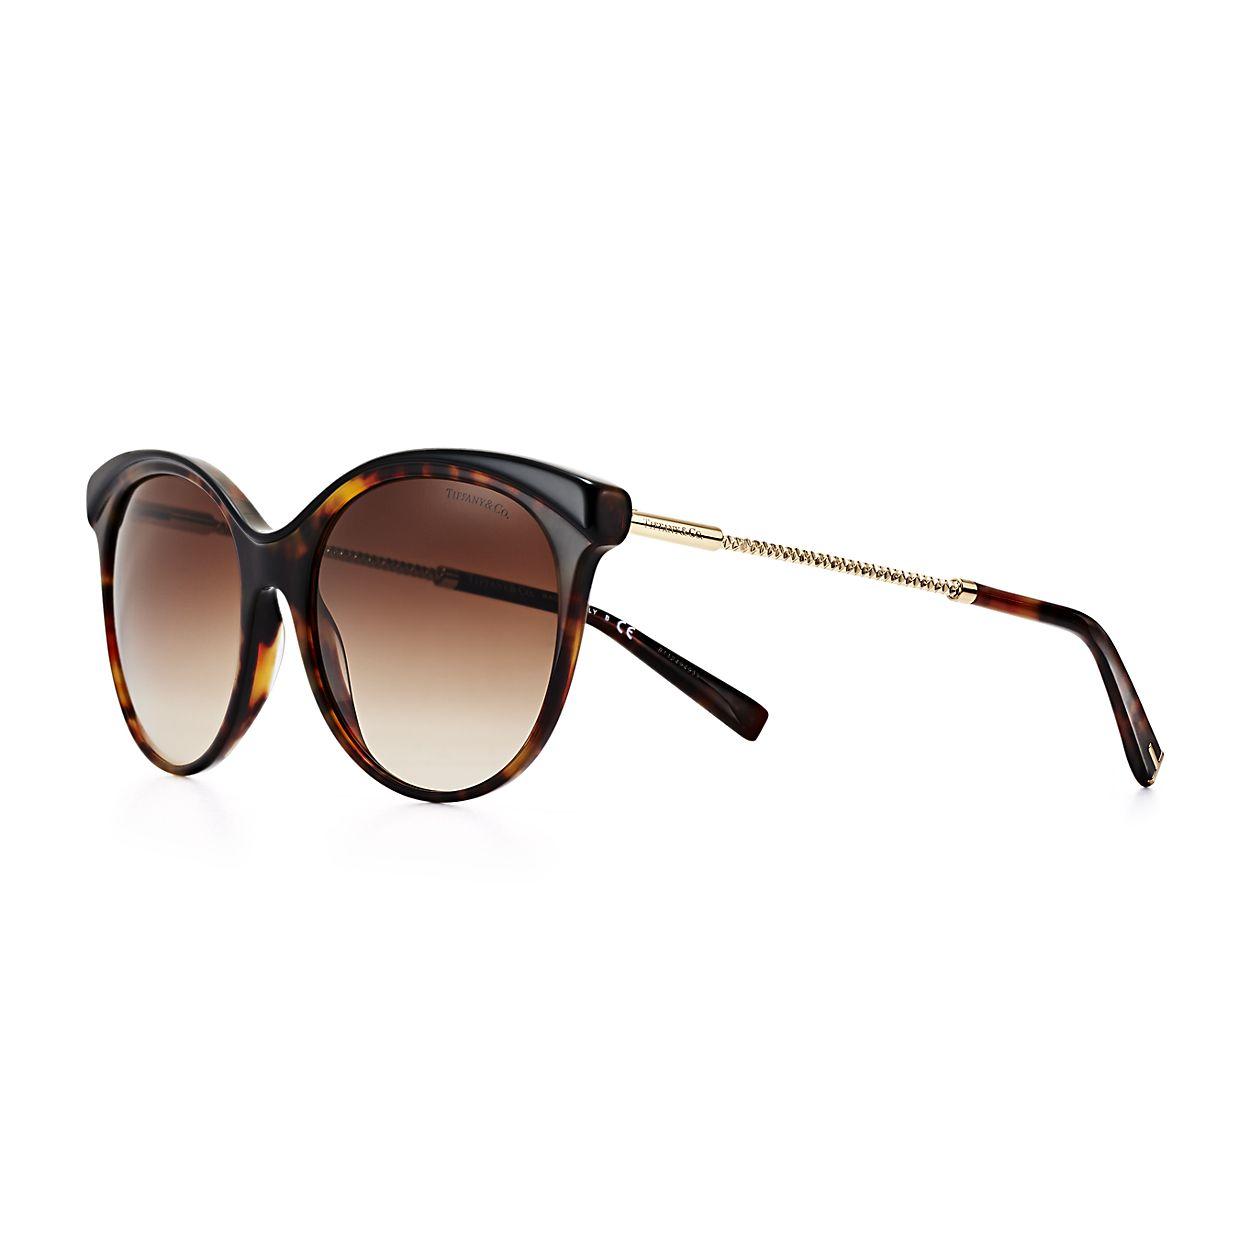 Óculos de sol estilo borboleta Diamond Point em acetato tartaruga e ... 4df71d4ca2